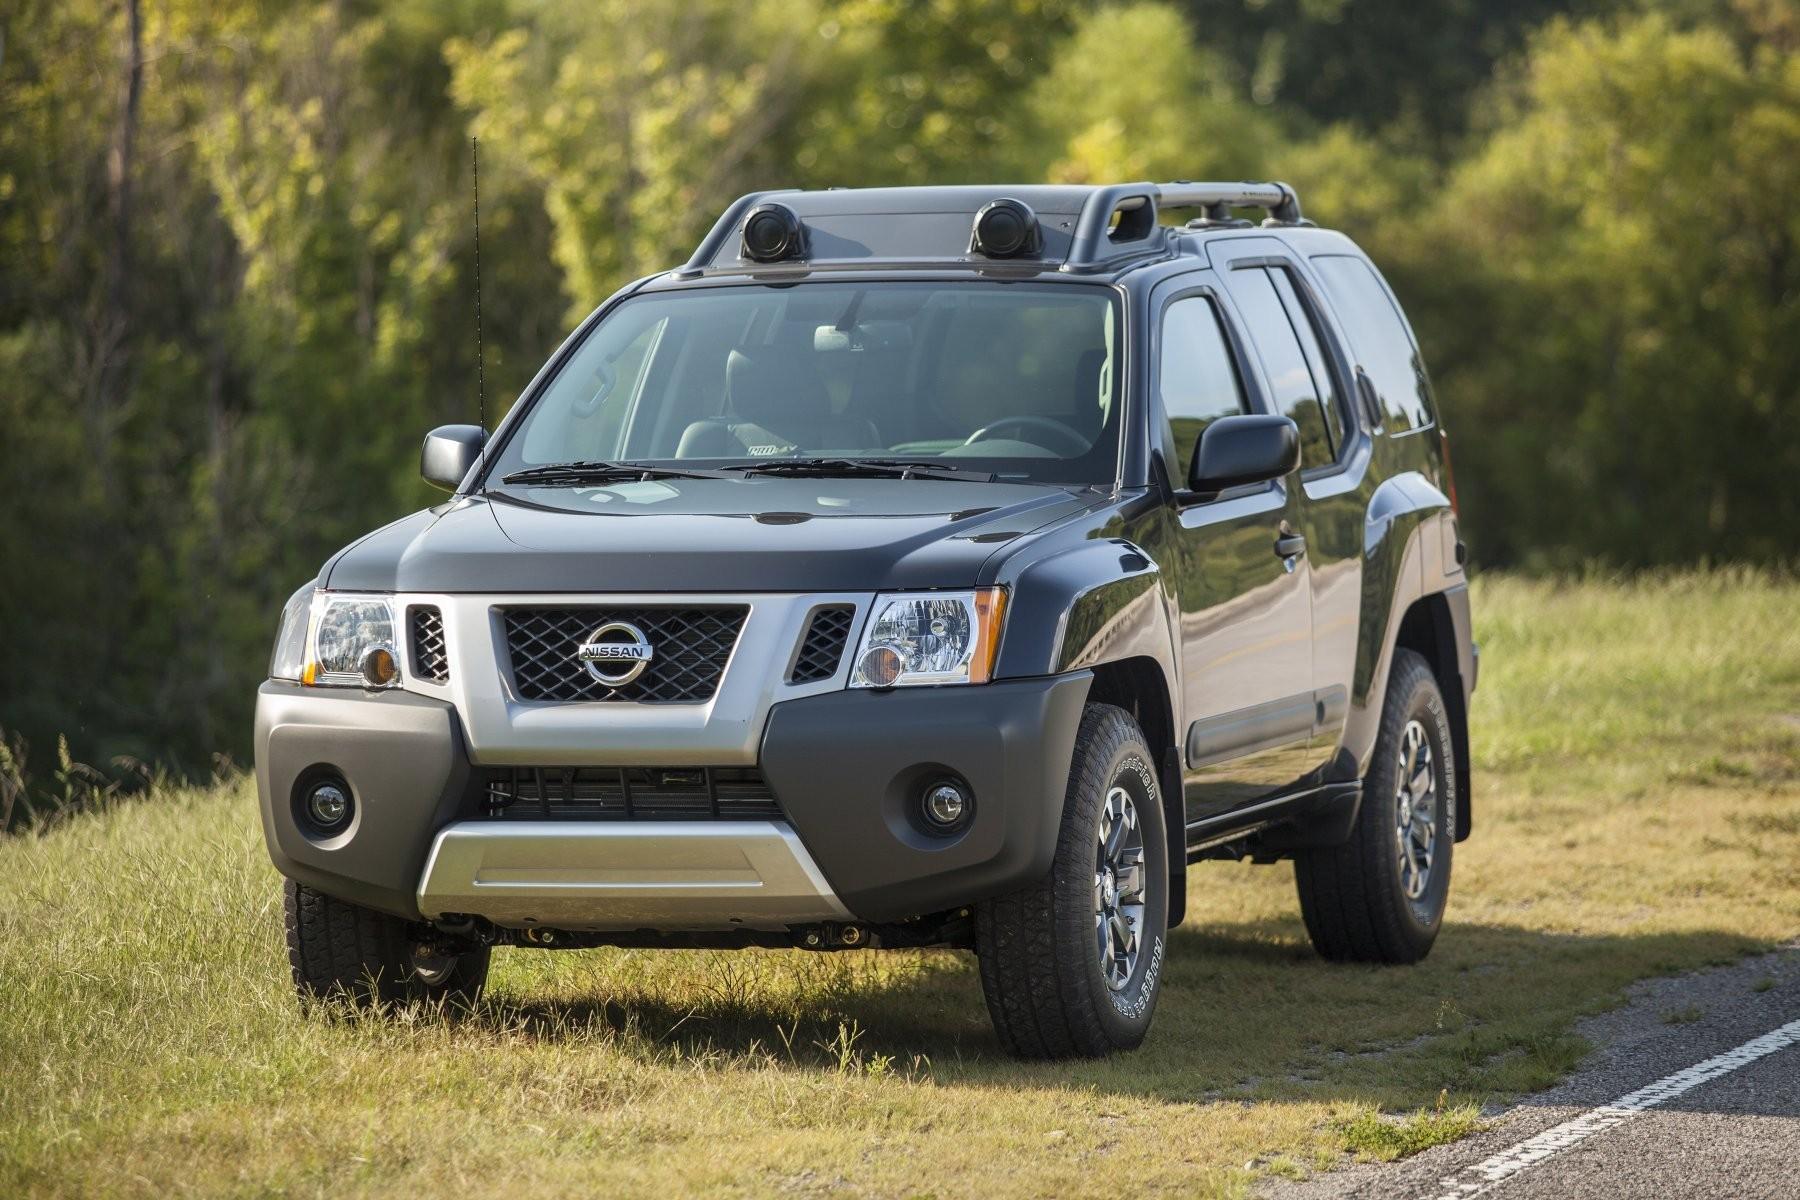 Снятый спроизводства в 2015-ом году вседорожный автомобиль Ниссан XTerra возвратится нарынок